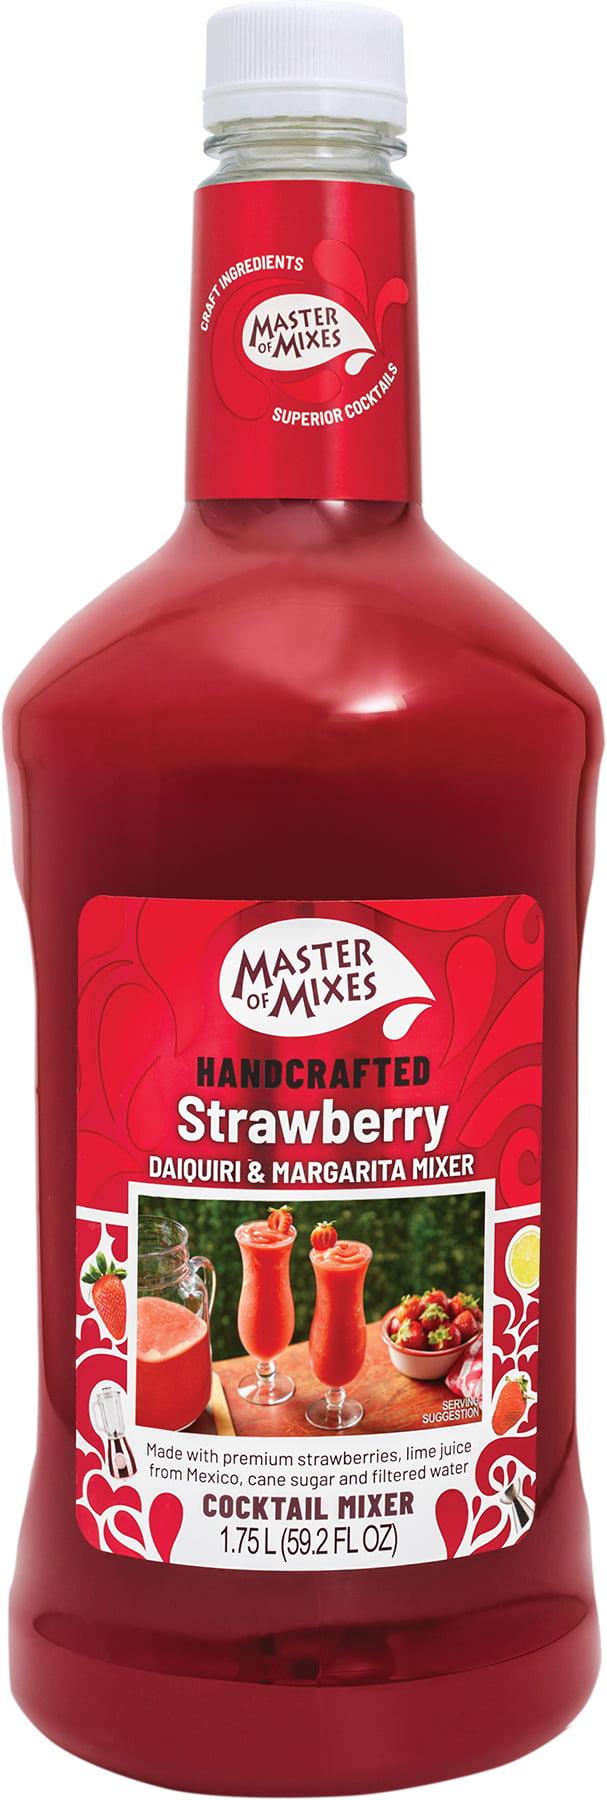 Master Of Mixes Strawberry Daiquiri Margarita Mix 1 75 L Walmart Com Walmart Com